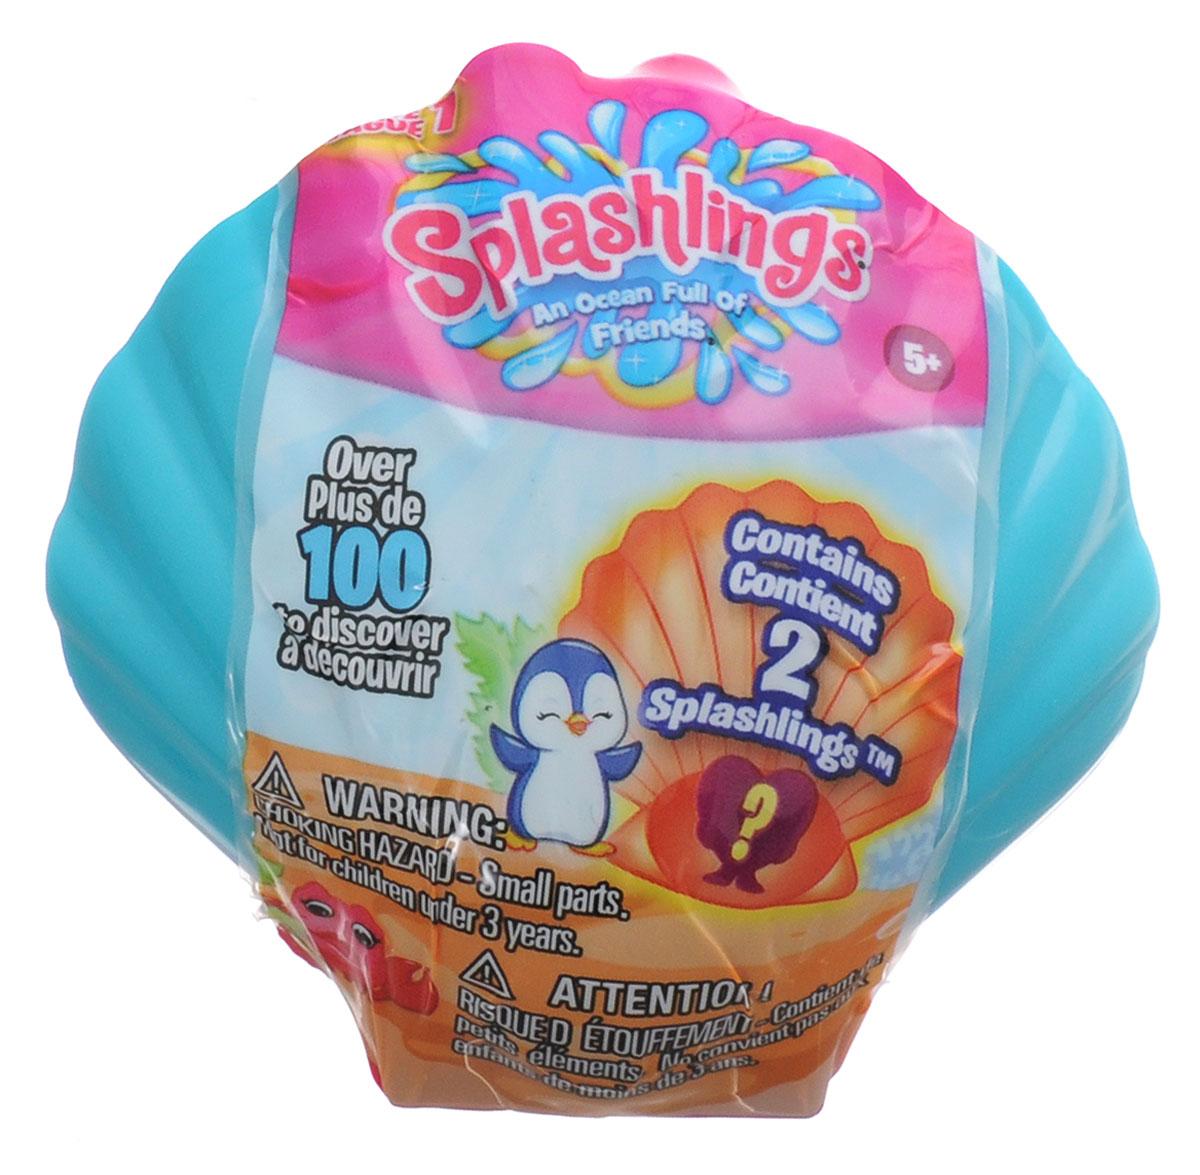 Splashlings Ракушка с 2 фигурками302215Splashlings - это коллекция замечательных фигурок - обитателей подводного мира. В серии встречаются разнообразные рыбки, дельфины, морские звезды, скаты, медузы и другие. Фигурки выполнены из высококачественных материалов, выглядят очень ярко и эффектно - увлекательная сюжетно-ролевая игра с ними гарантирована! В наборе вы найдете 2 фигурки, спрятанные в ракушке, в которой можно их хранить. Соберите целую коллекцию забавных морских обитателей!